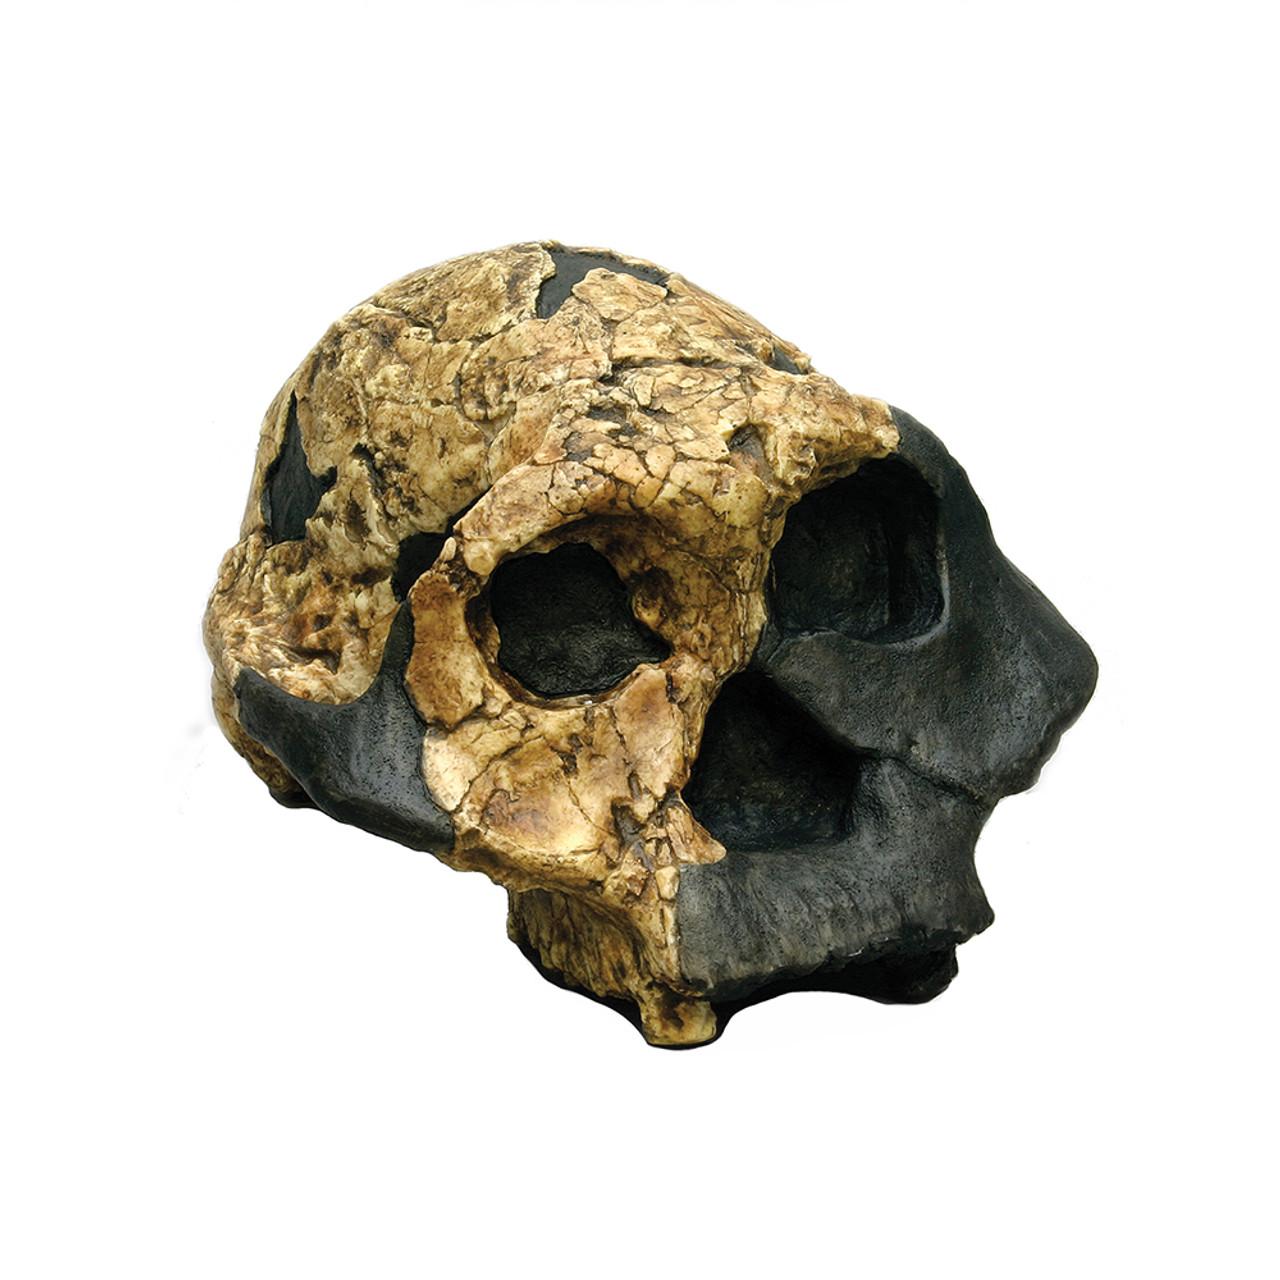 Australopithecus boisei, female, KNM-ER 732